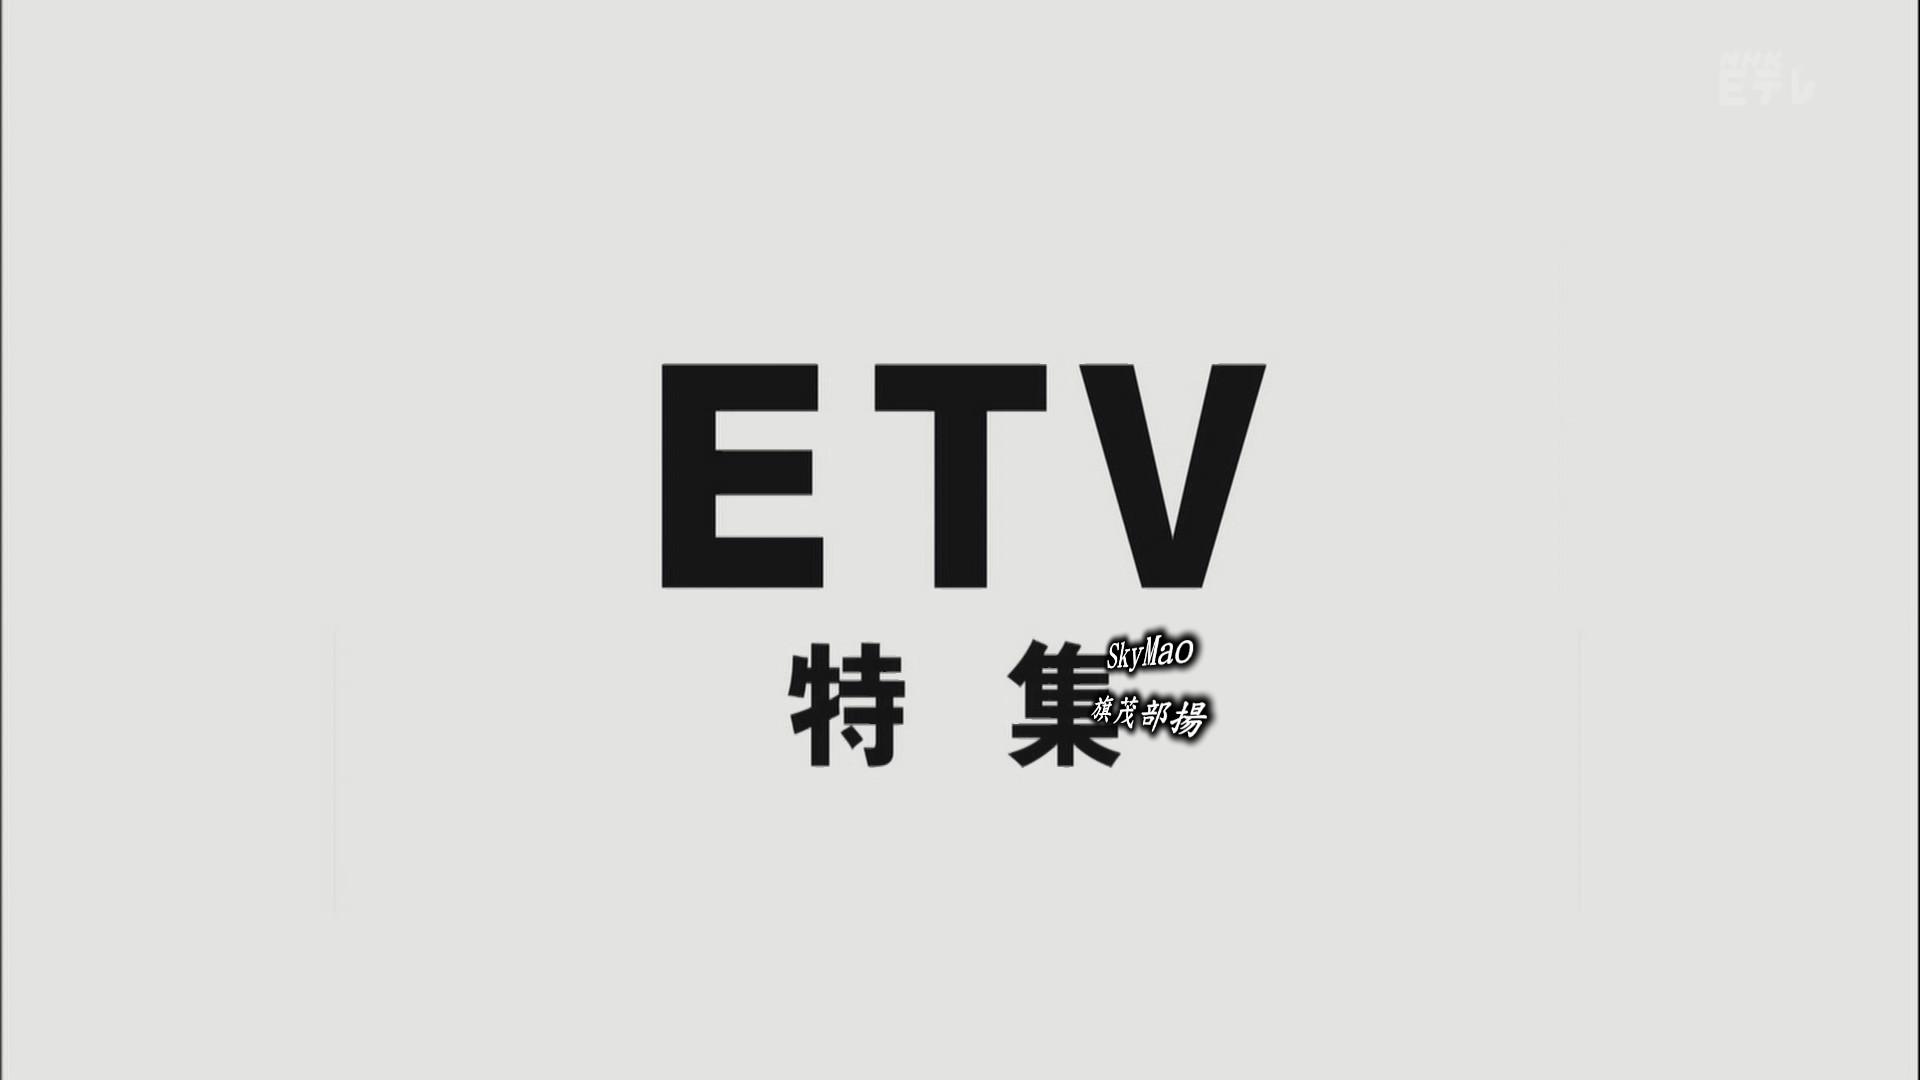 2017.09.23 全場(いきものがかり水野良樹の阿久悠をめぐる対話).ts_20170923_233350.755